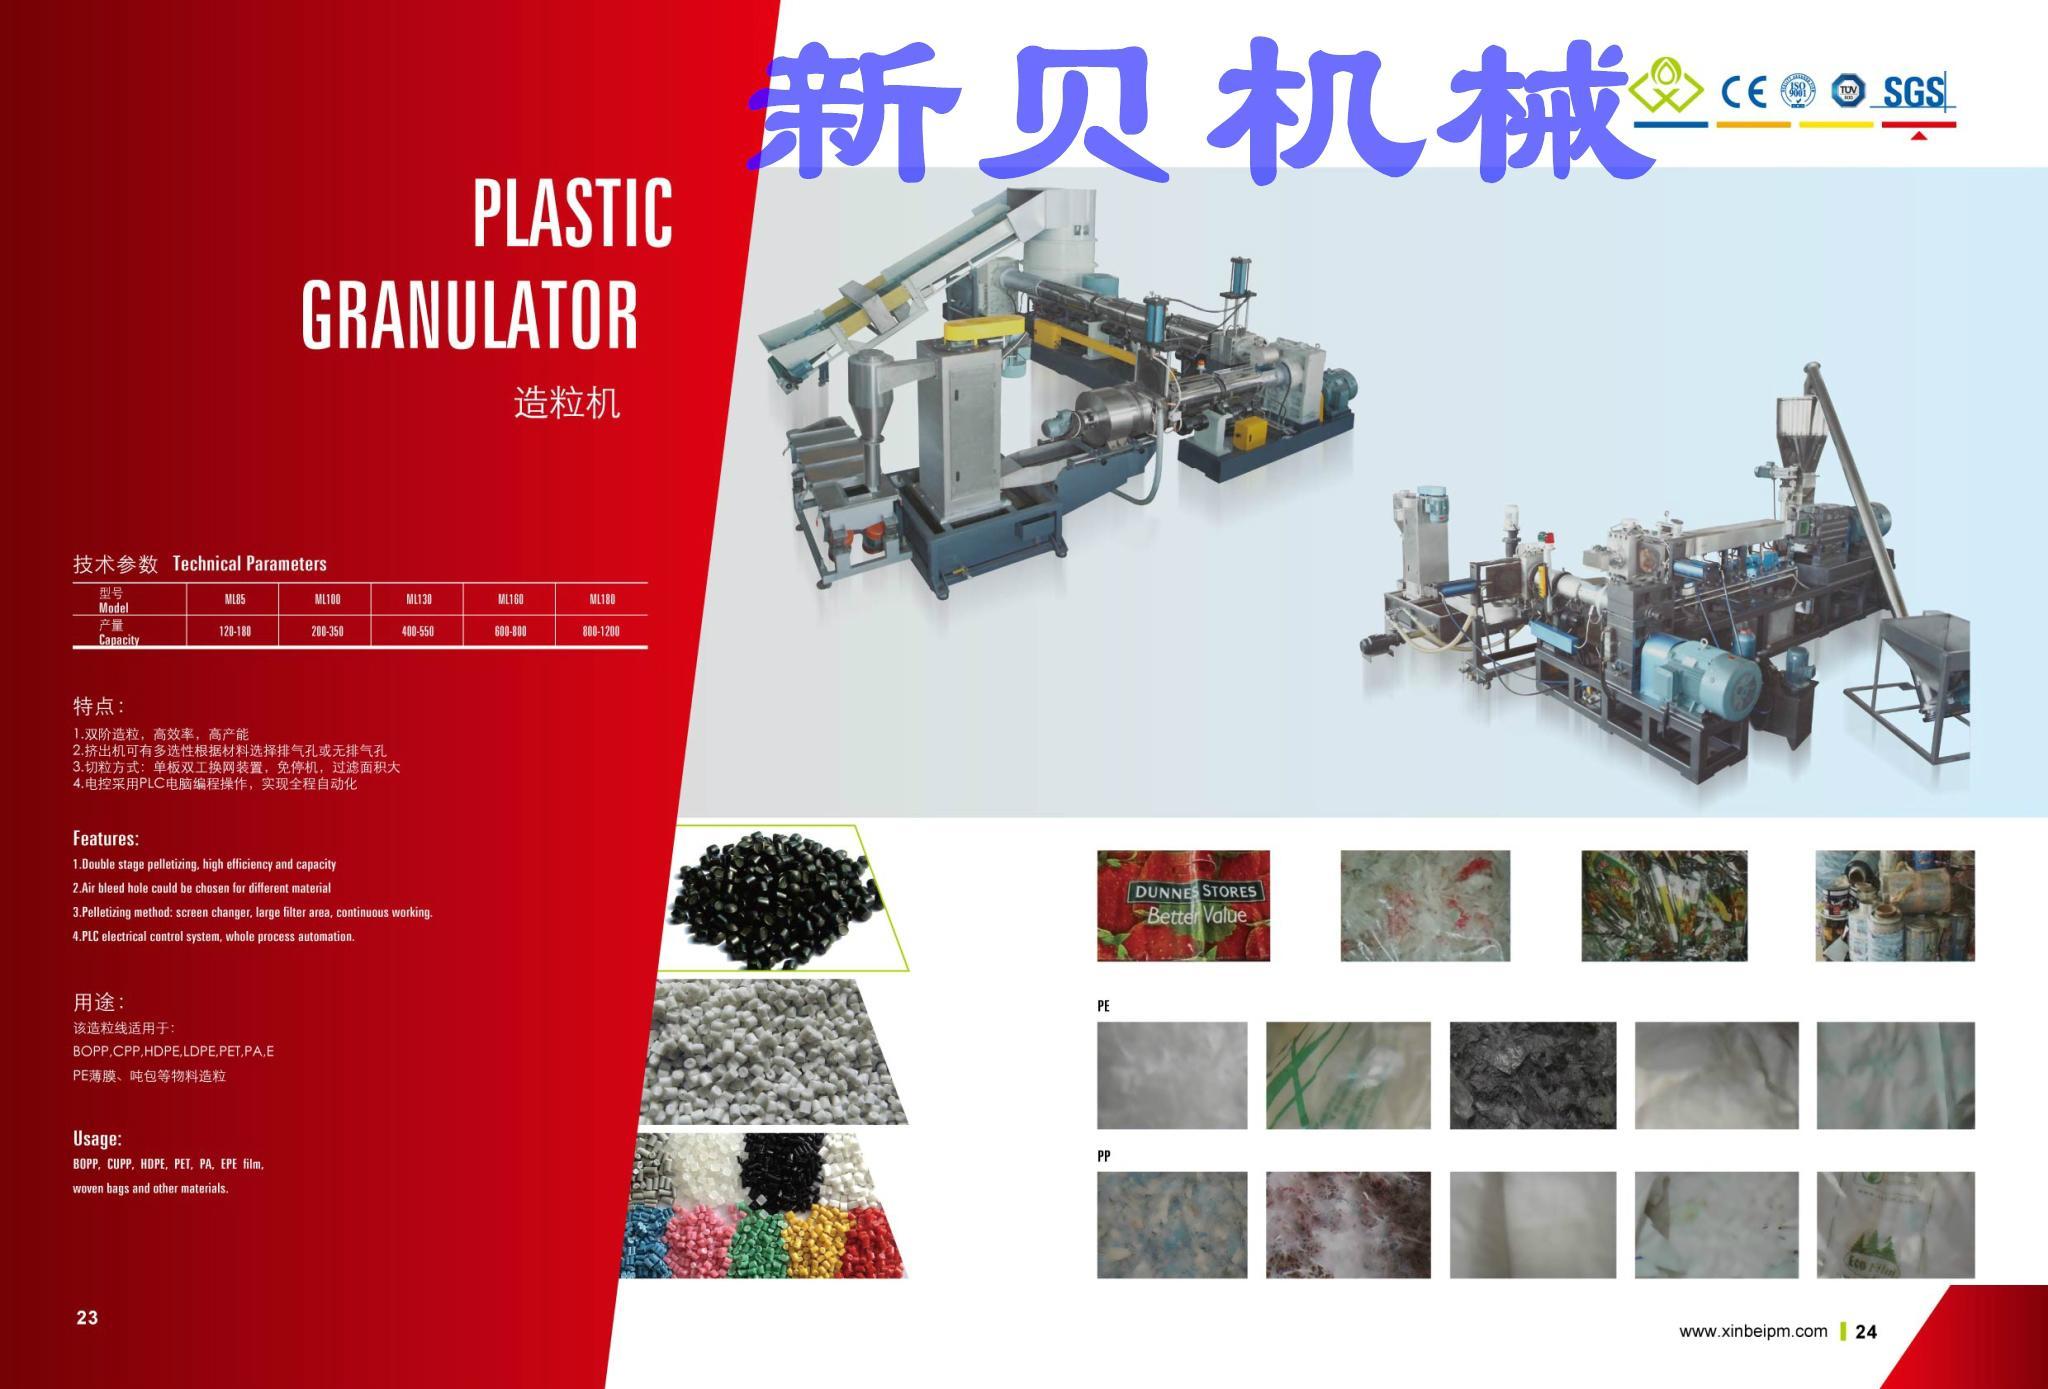 供应新贝机械吨包袋高效单螺杆造粒生产线 4